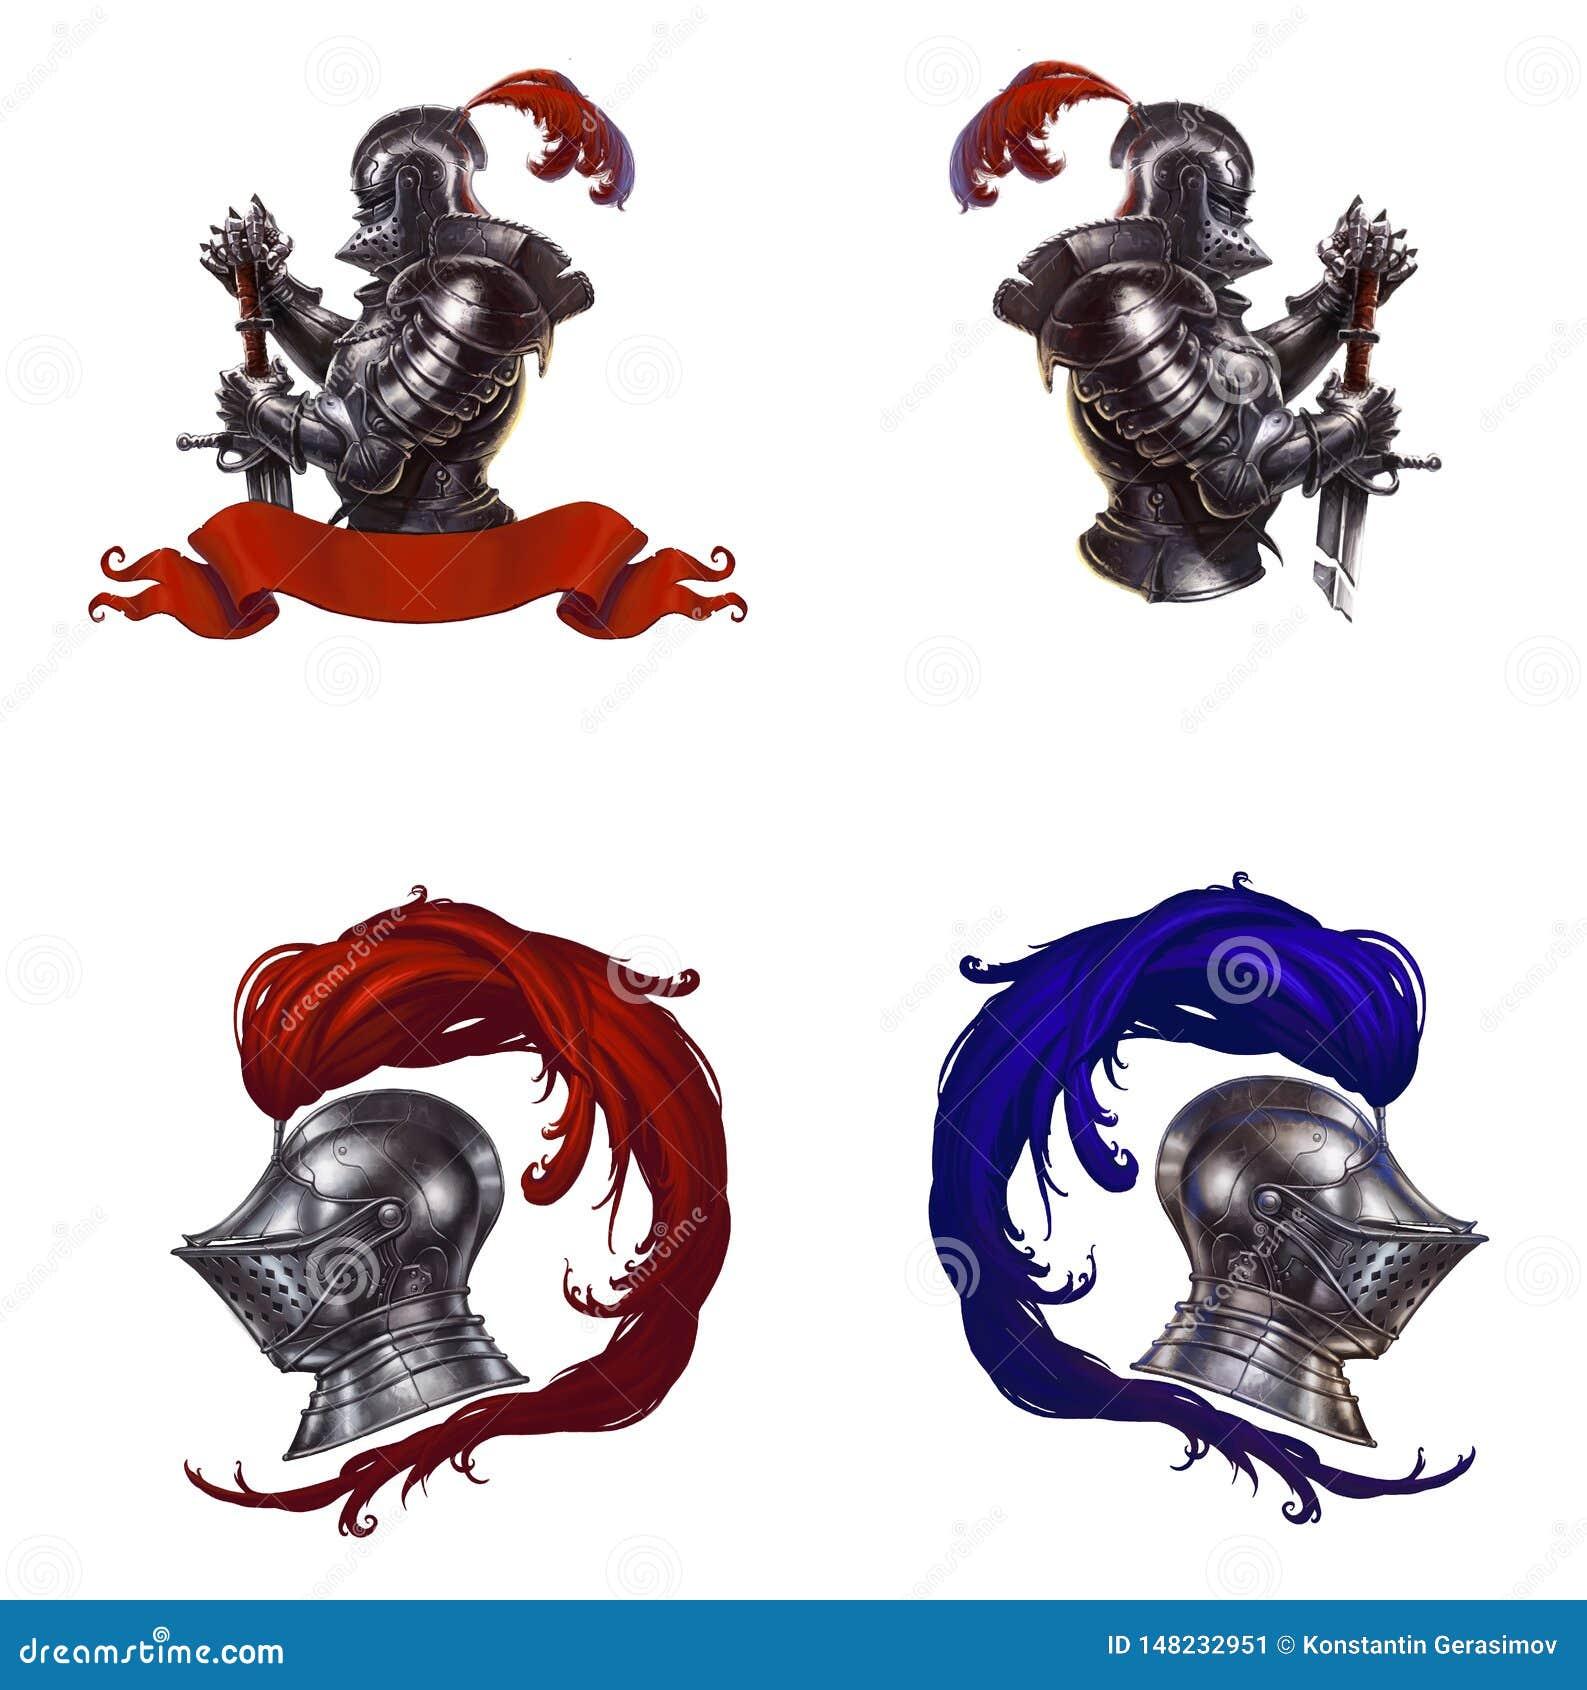 O capacete do cavaleiro com penas vermelhas